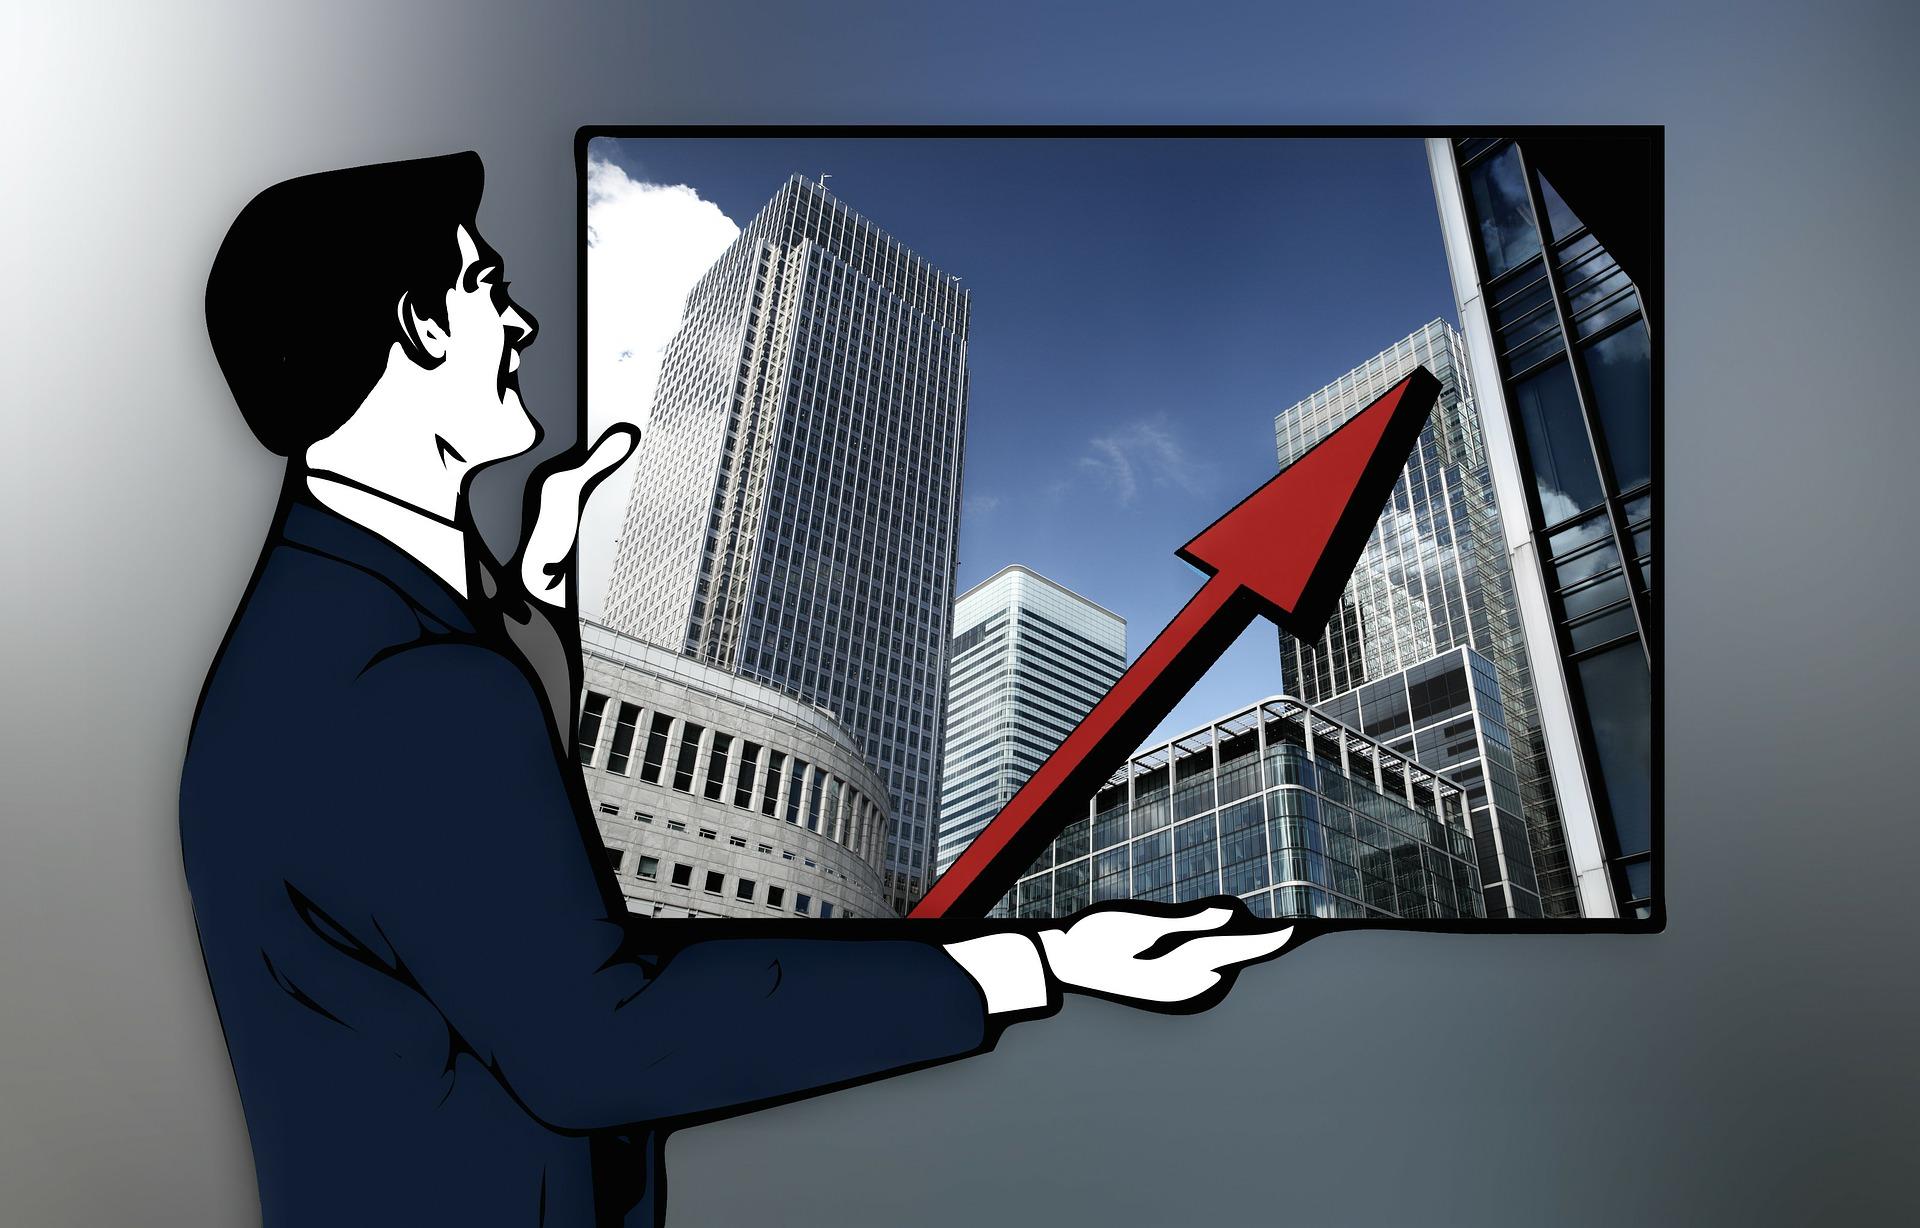 就活の内定が貰える時期は?早期内定の企業・業界とコロナによる時期の変化も解説!